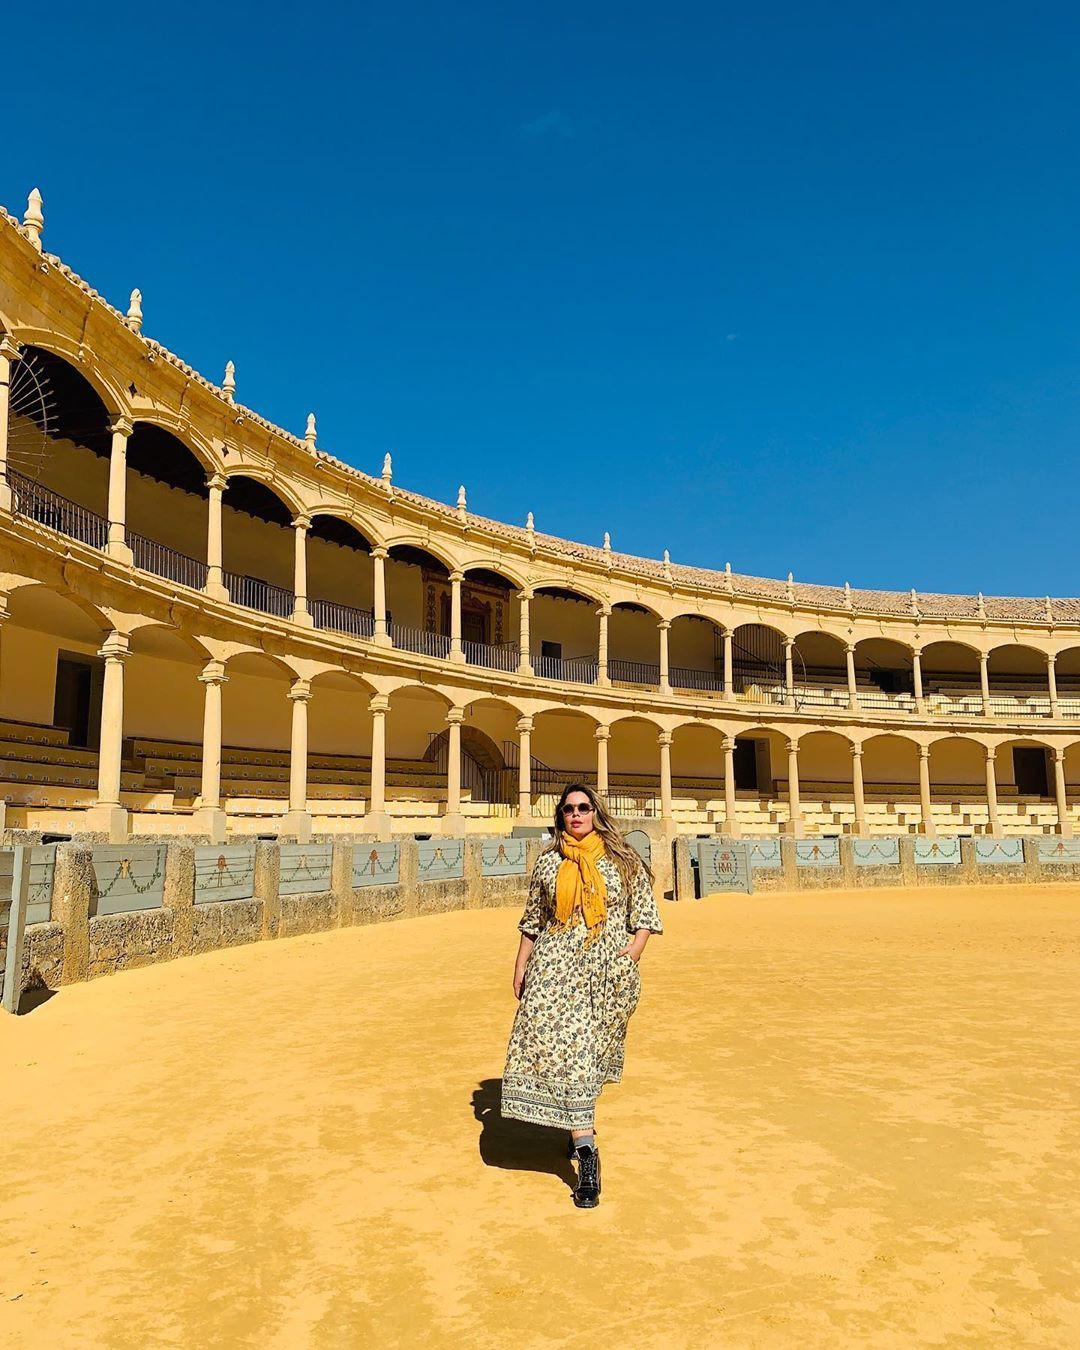 Fluvia Lacerda, tourist attraction, historic site, architecture